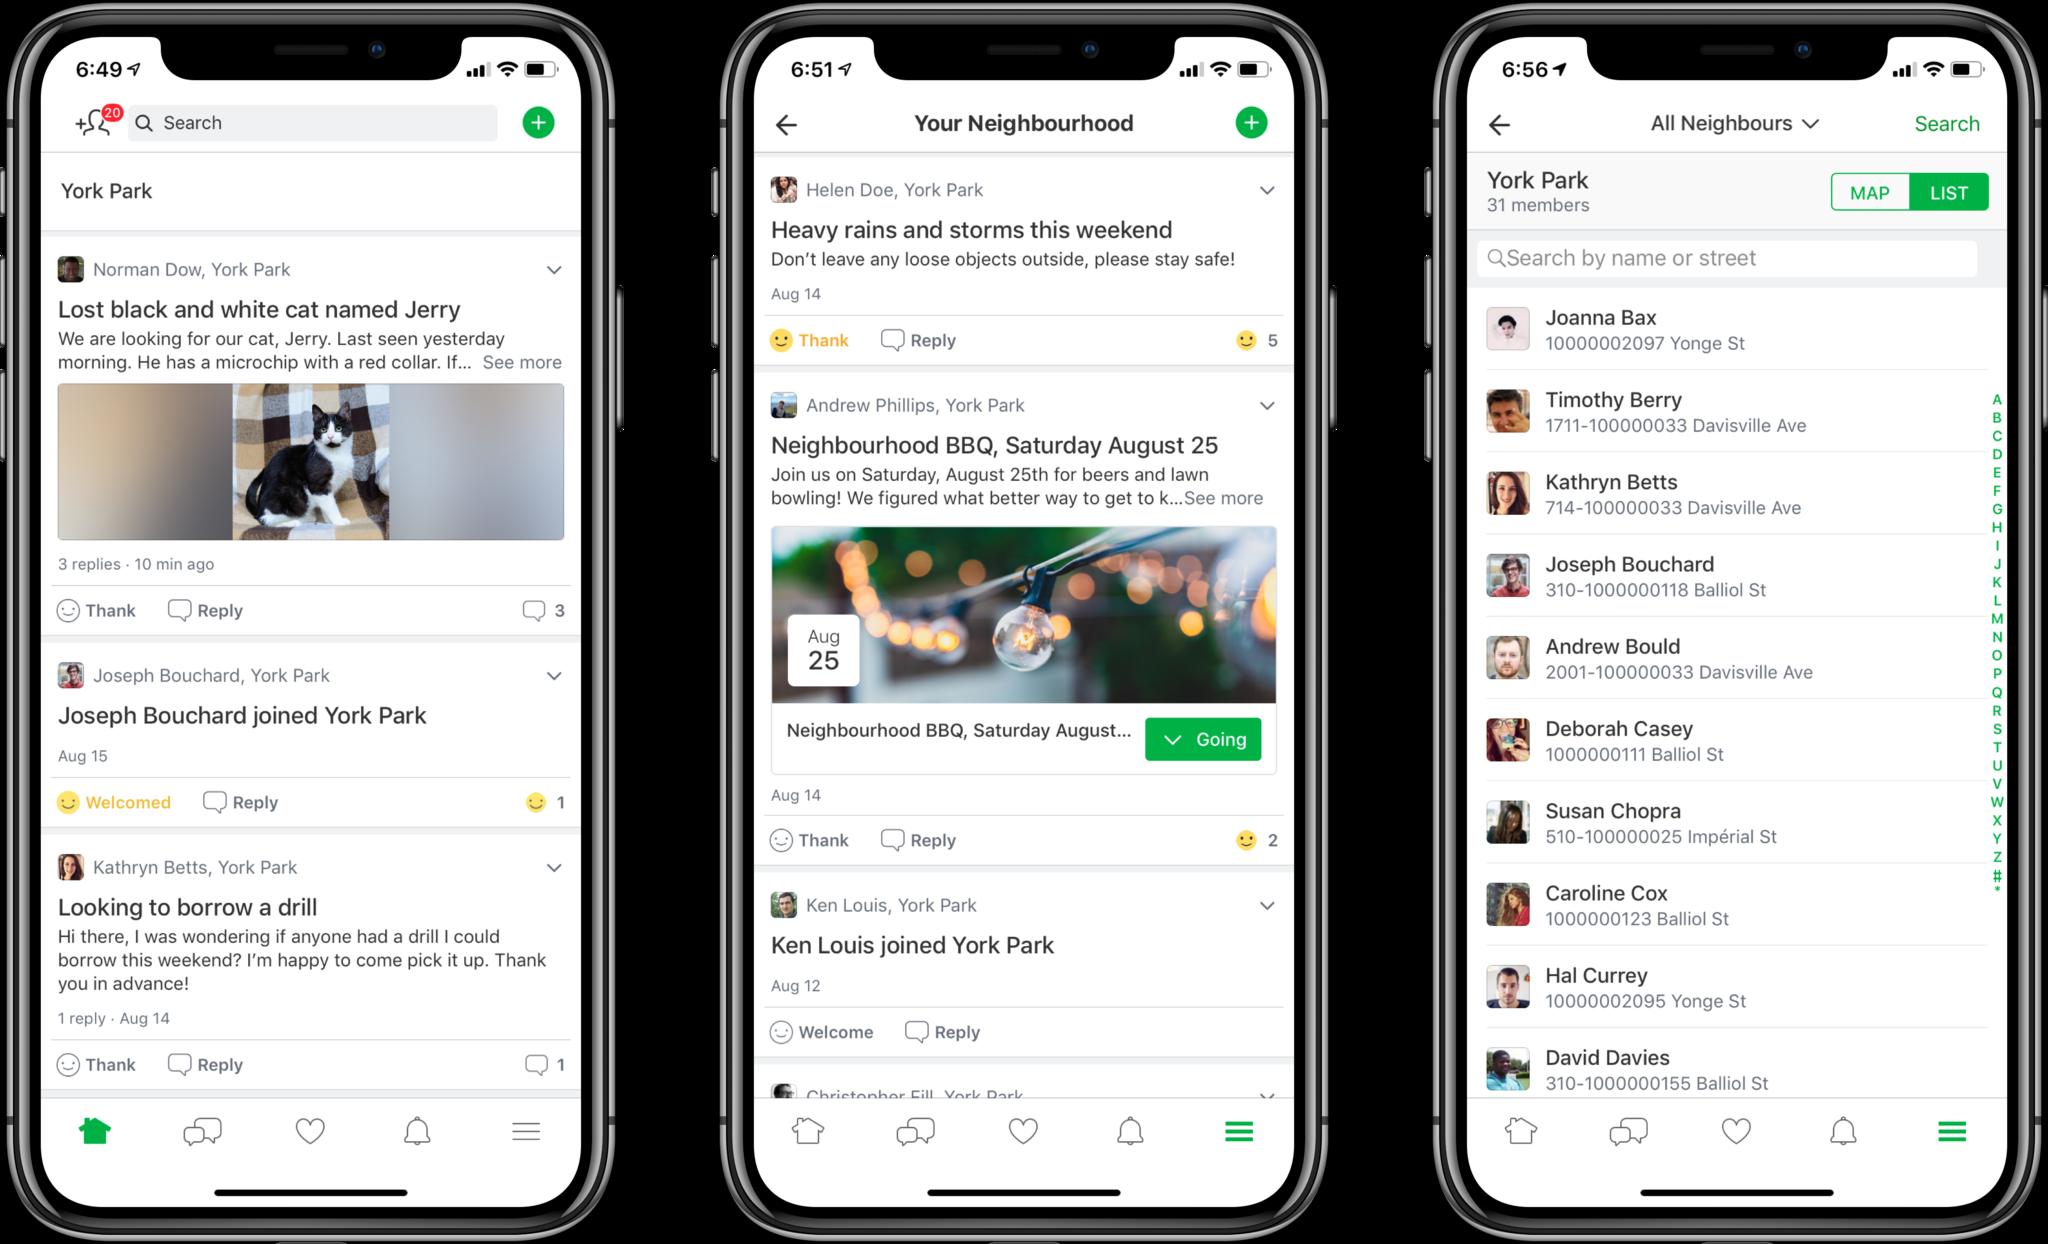 individuals posting on Nextdoor across 3 screens